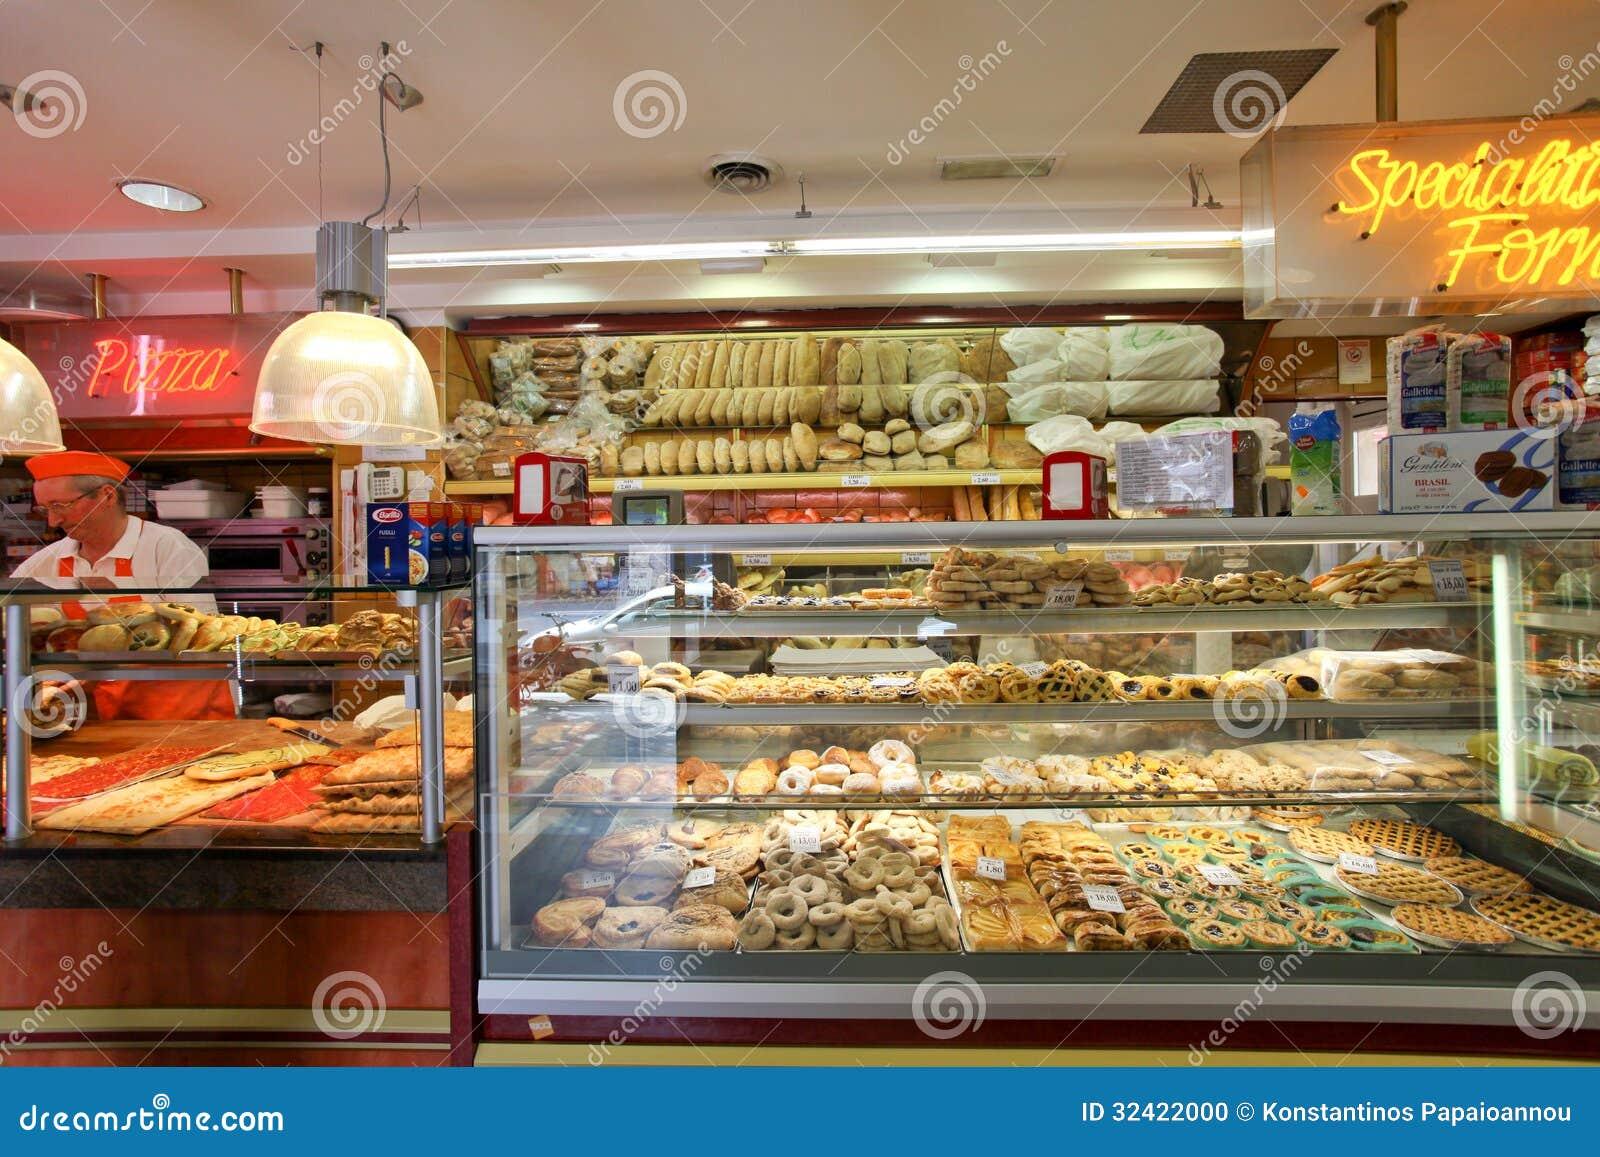 Итальянский магазин хлебопекарни